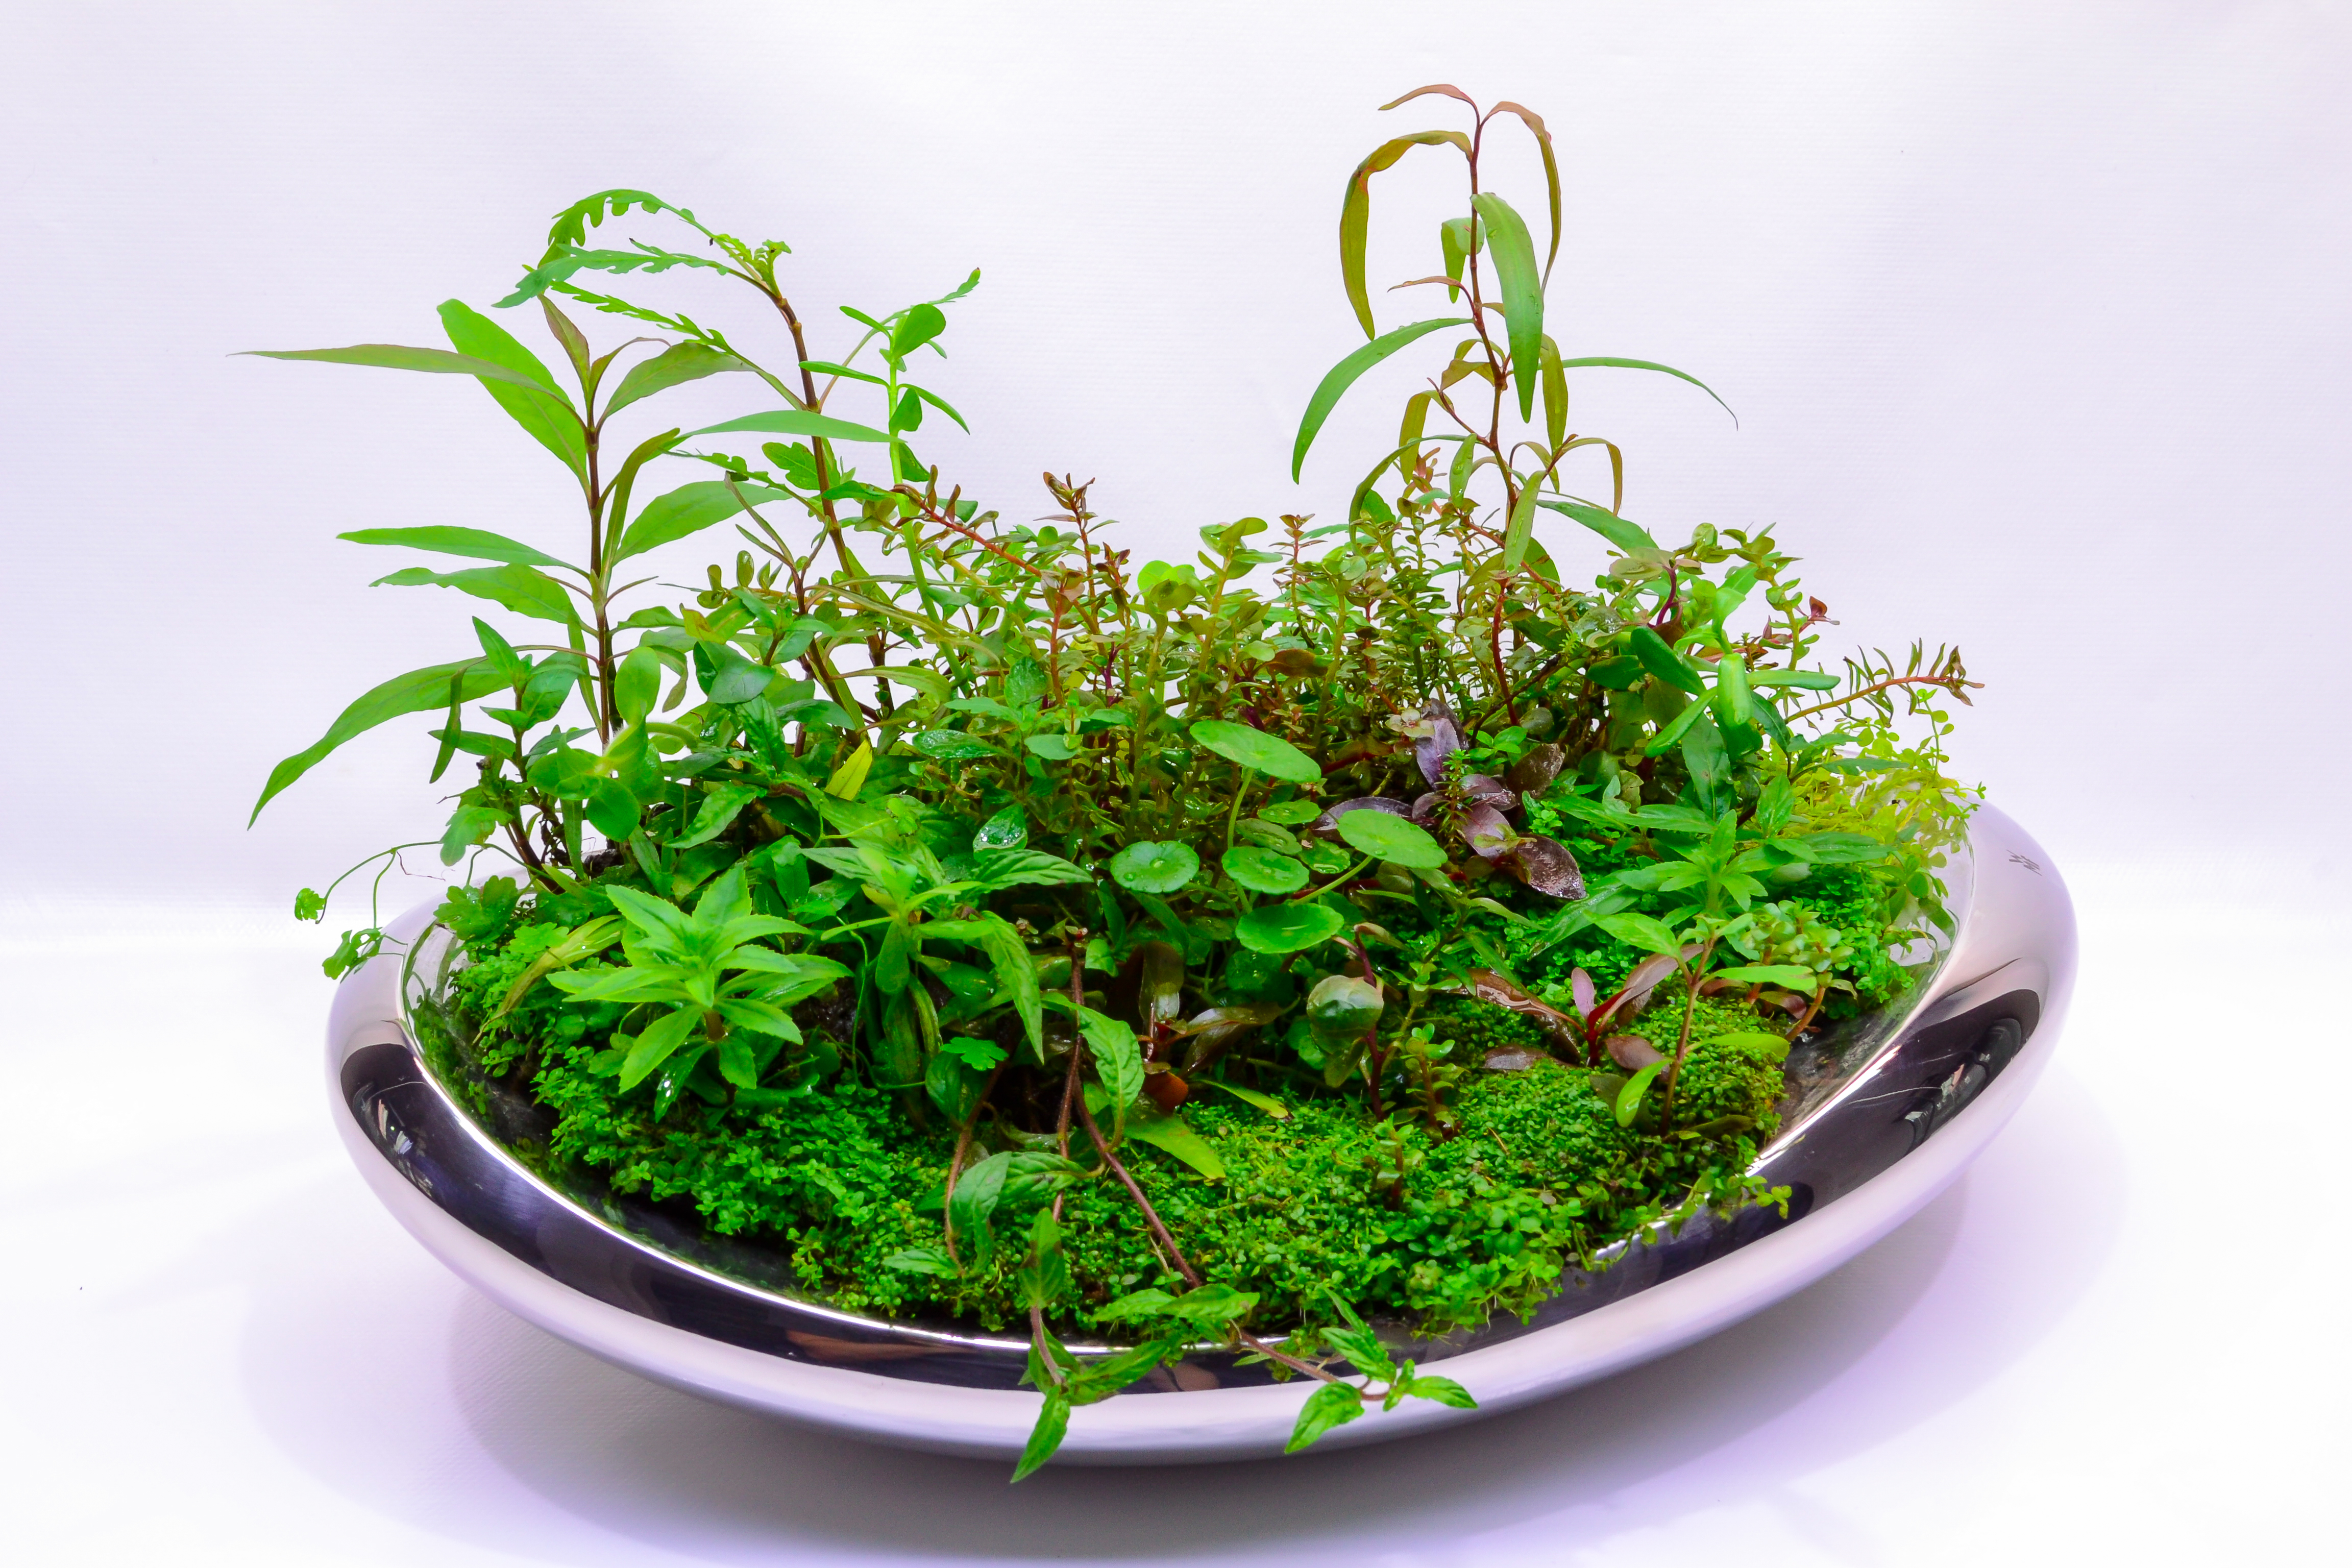 Aquarienpflanzen, Die Sowohl Unter Wasser Als Auch über Wasser Gedeihen  Können, Sind Für Die